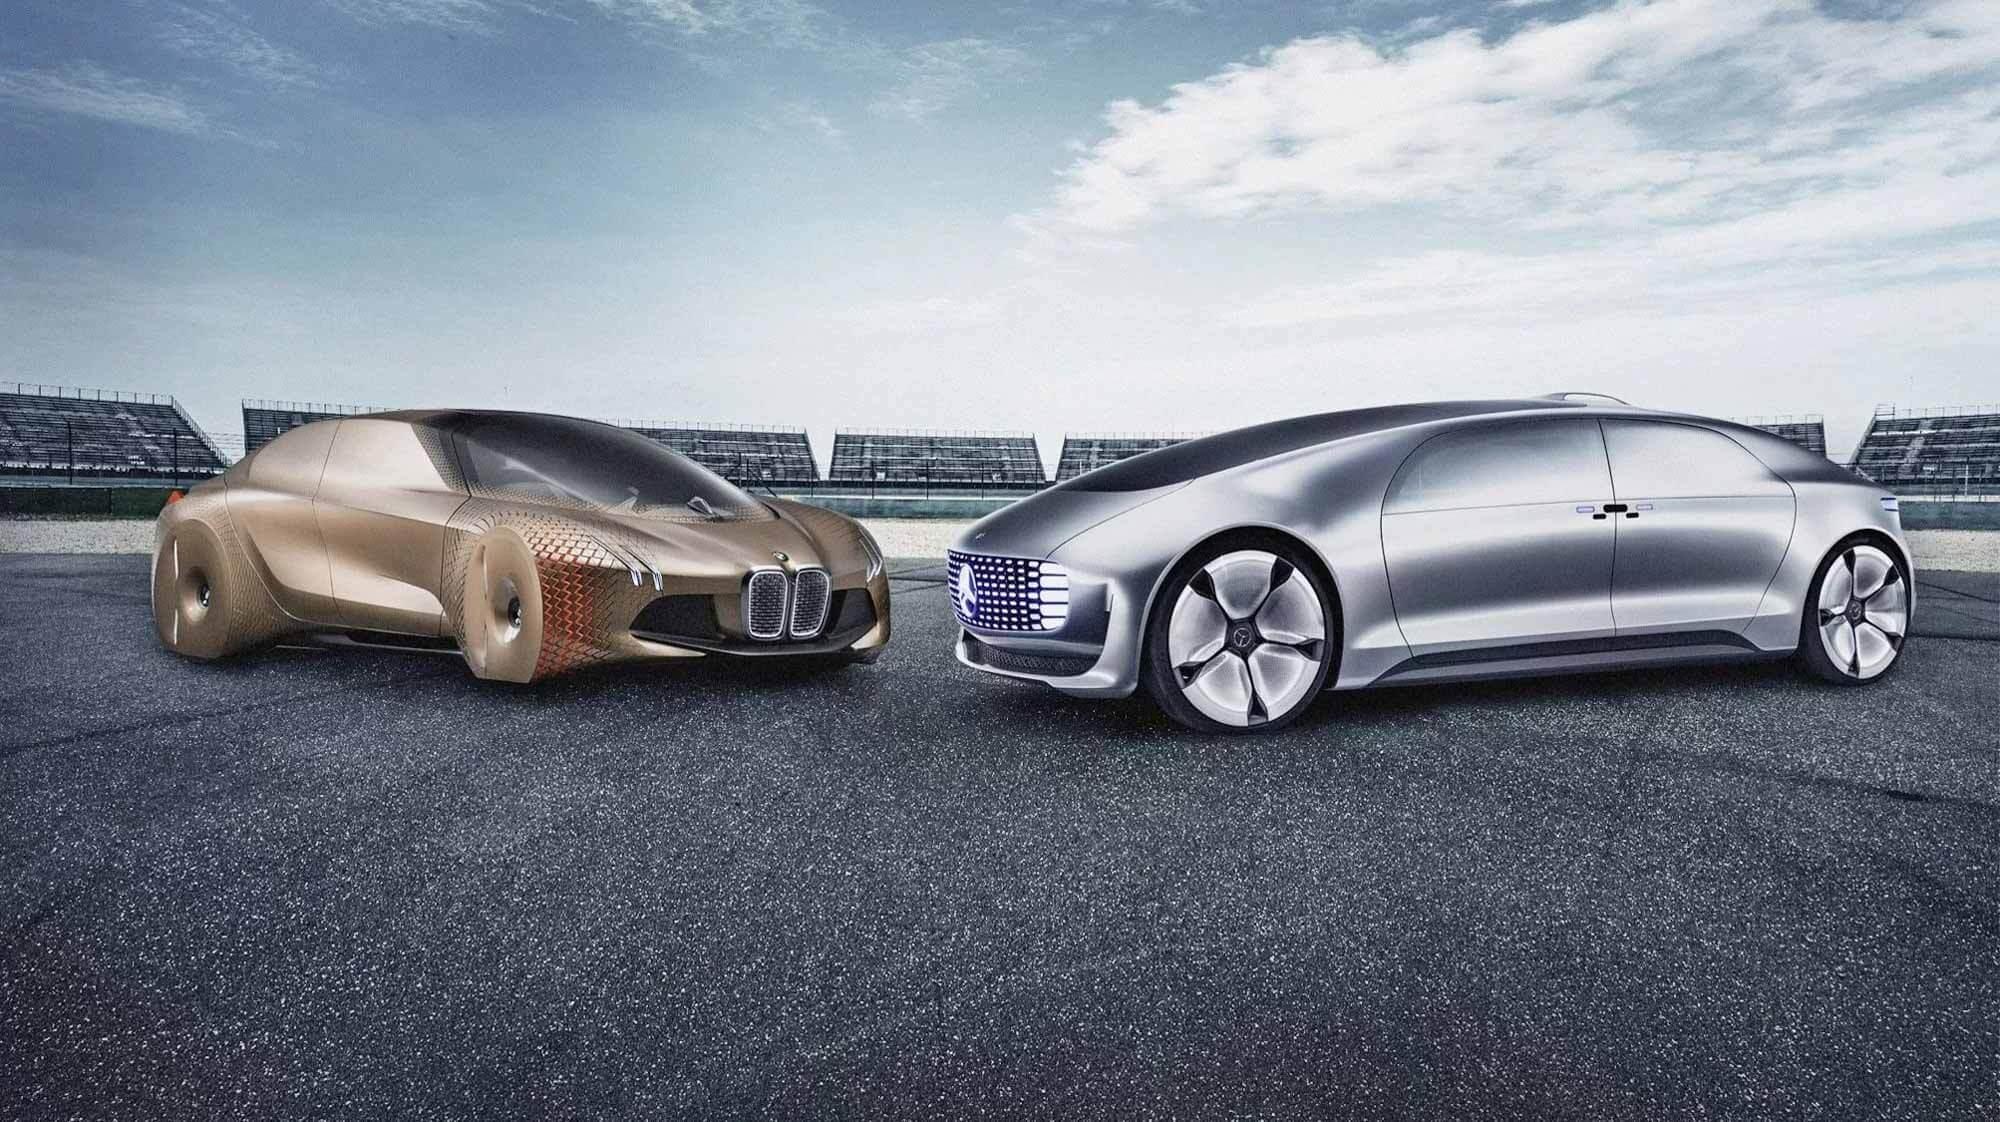 Время не пришло: BMW и Daimler приостановили автопилот